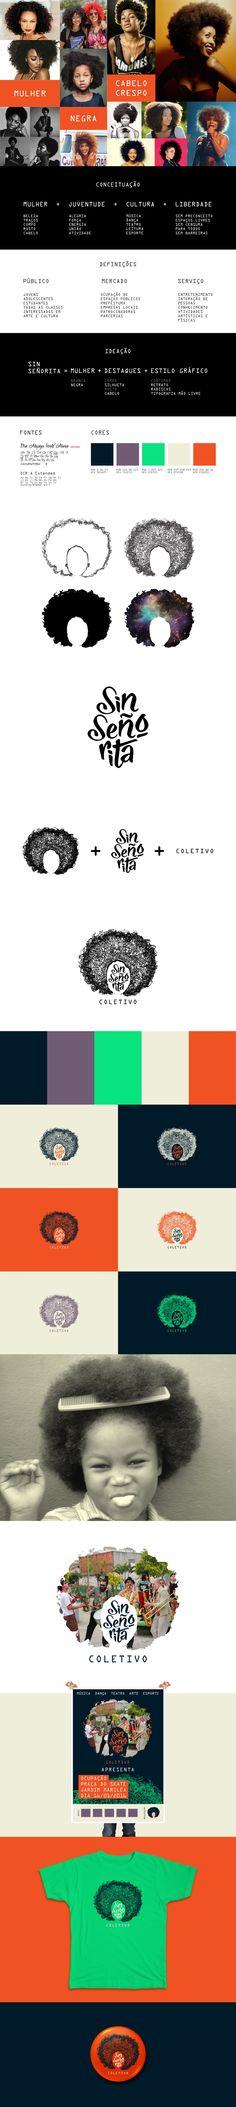 Criação de conceito, logotipo e identidade para o Coletivo Sin Señorita.